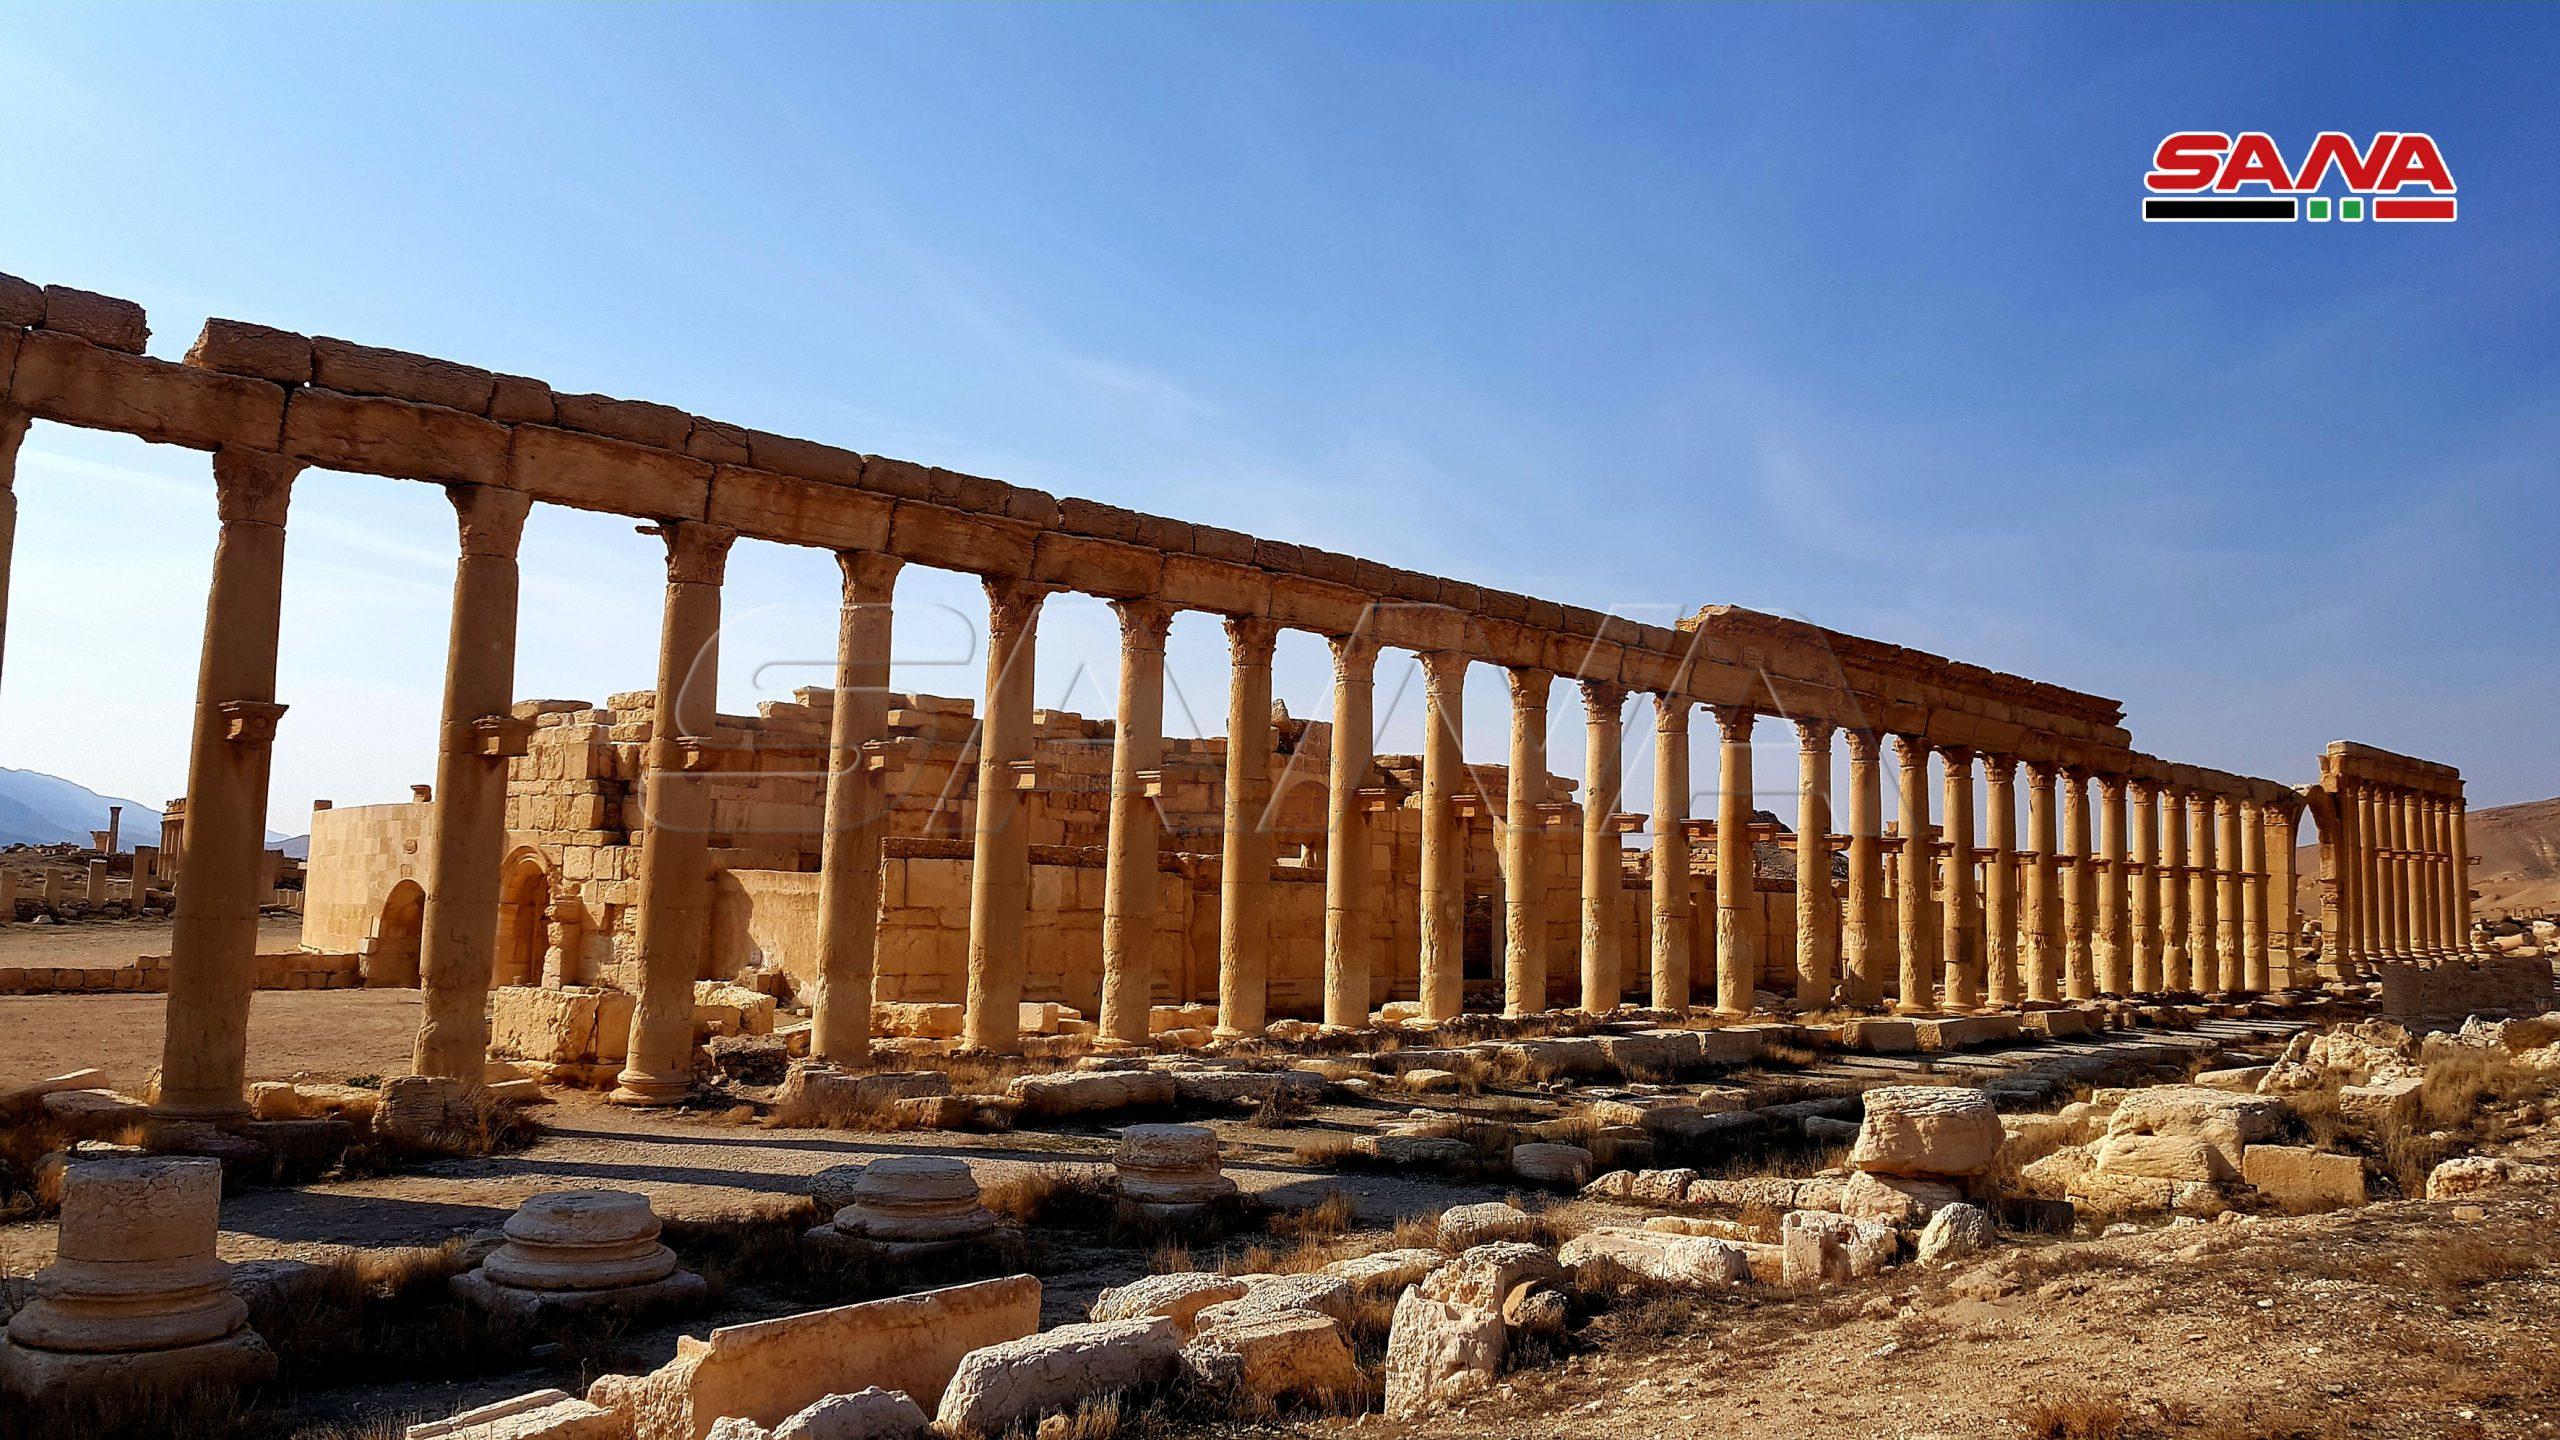 Cabecear Dolor mimar  Palmira, la Perla del Desierto sirio, hoy 7 de enero 2021 – La Agencia  Árabe Siria de Noticias